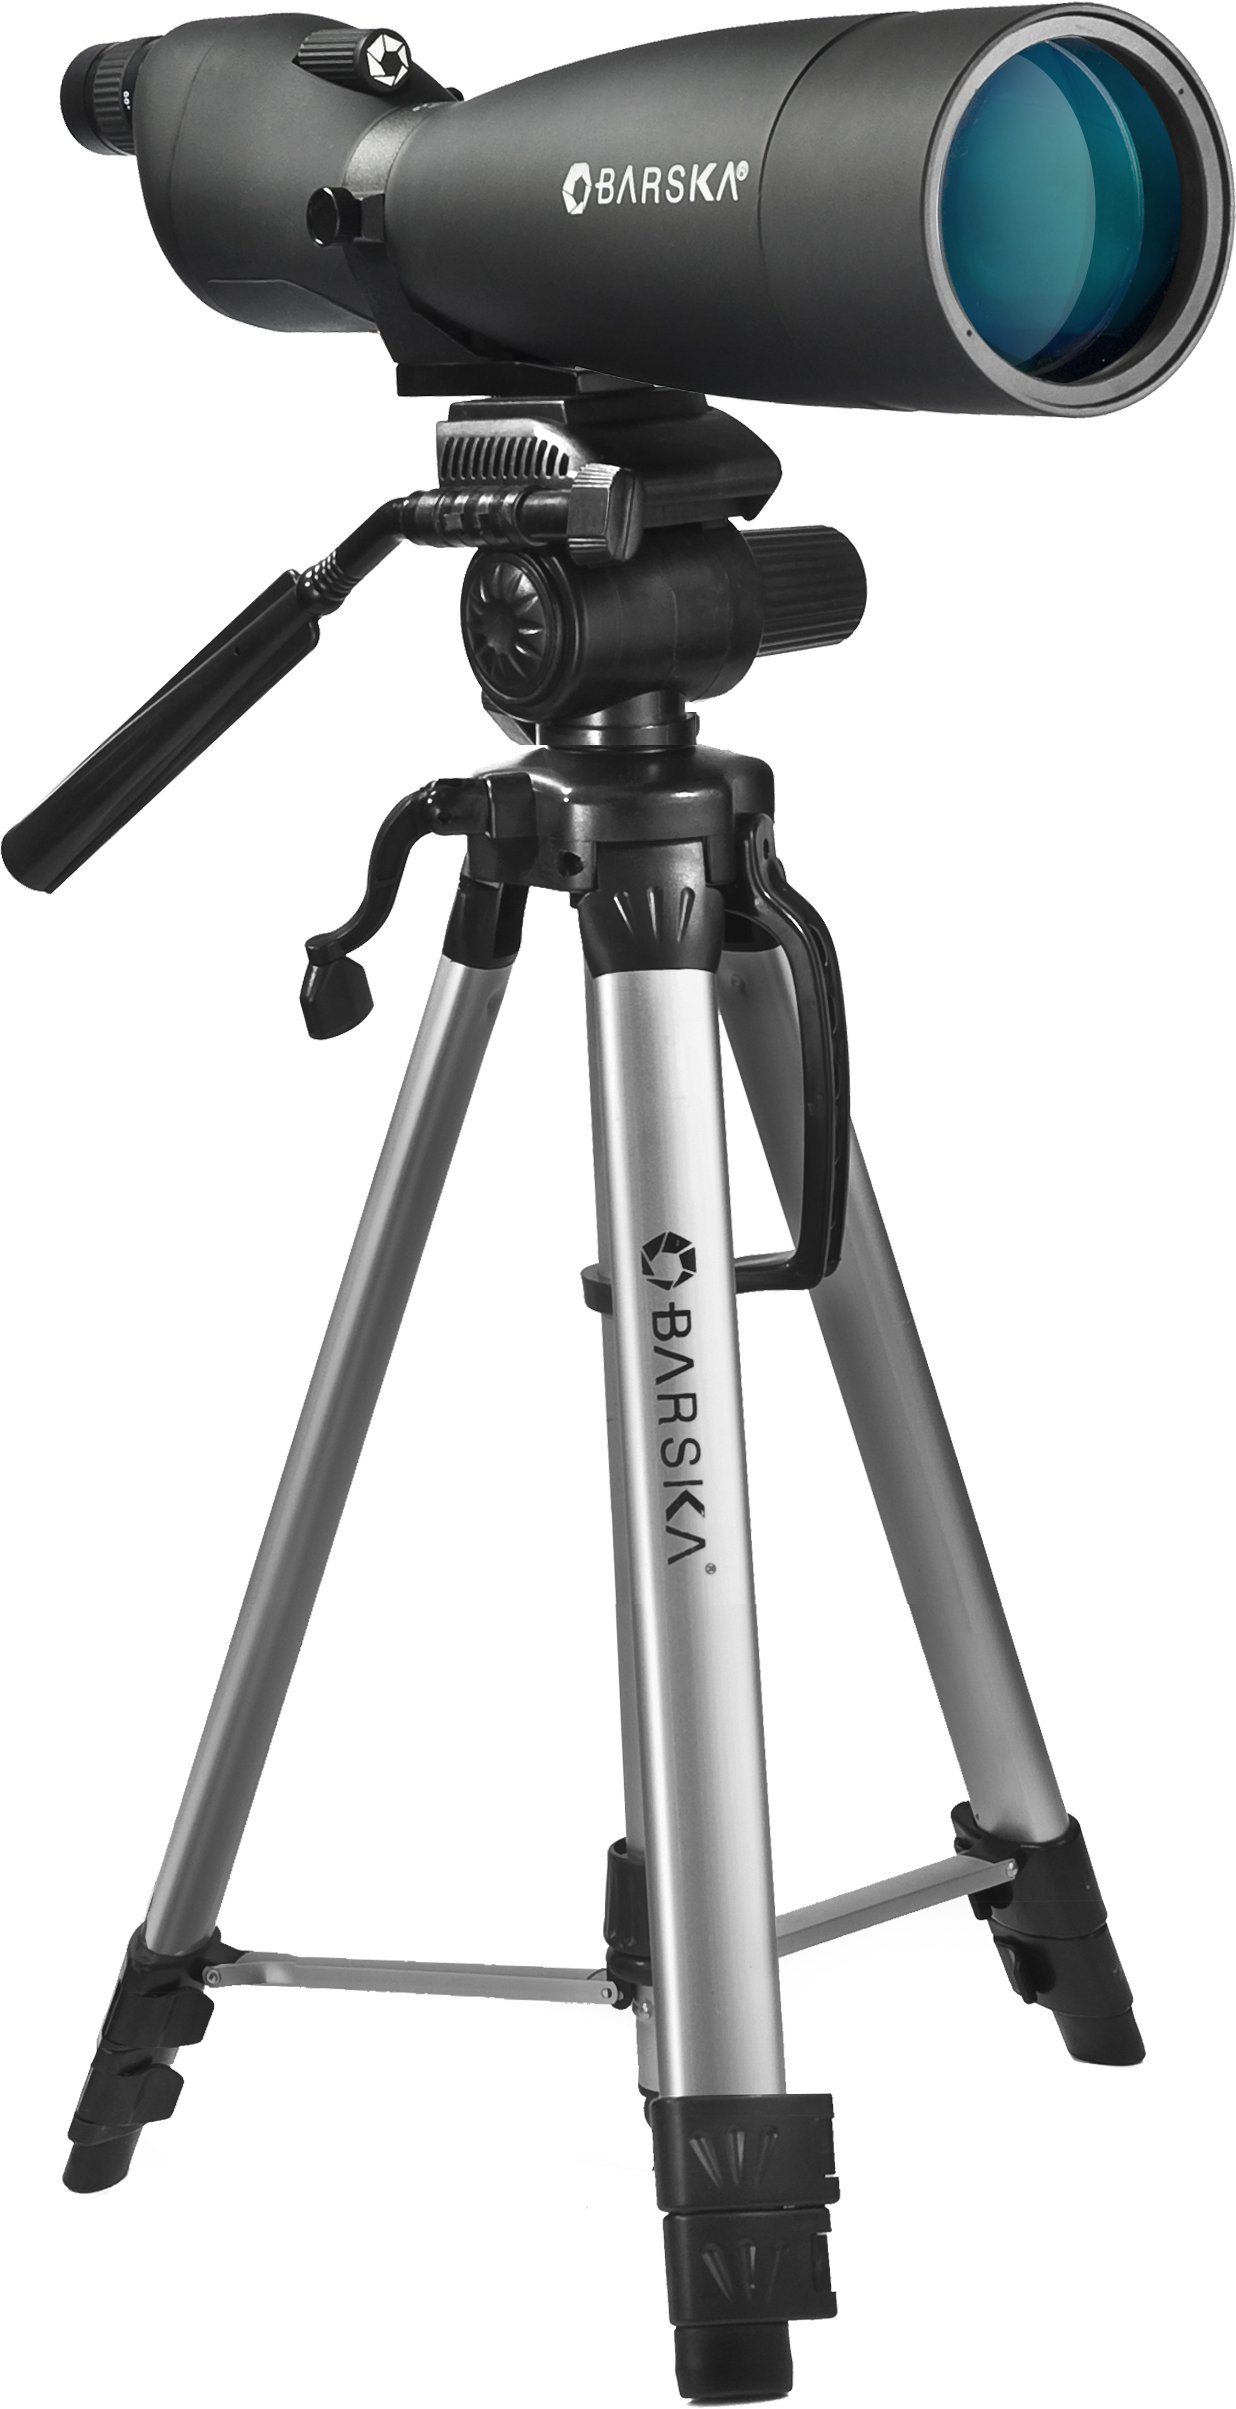 Barska 30-90x90 Waterproof Colorado Spotter Scope and Tripod by BARSKA